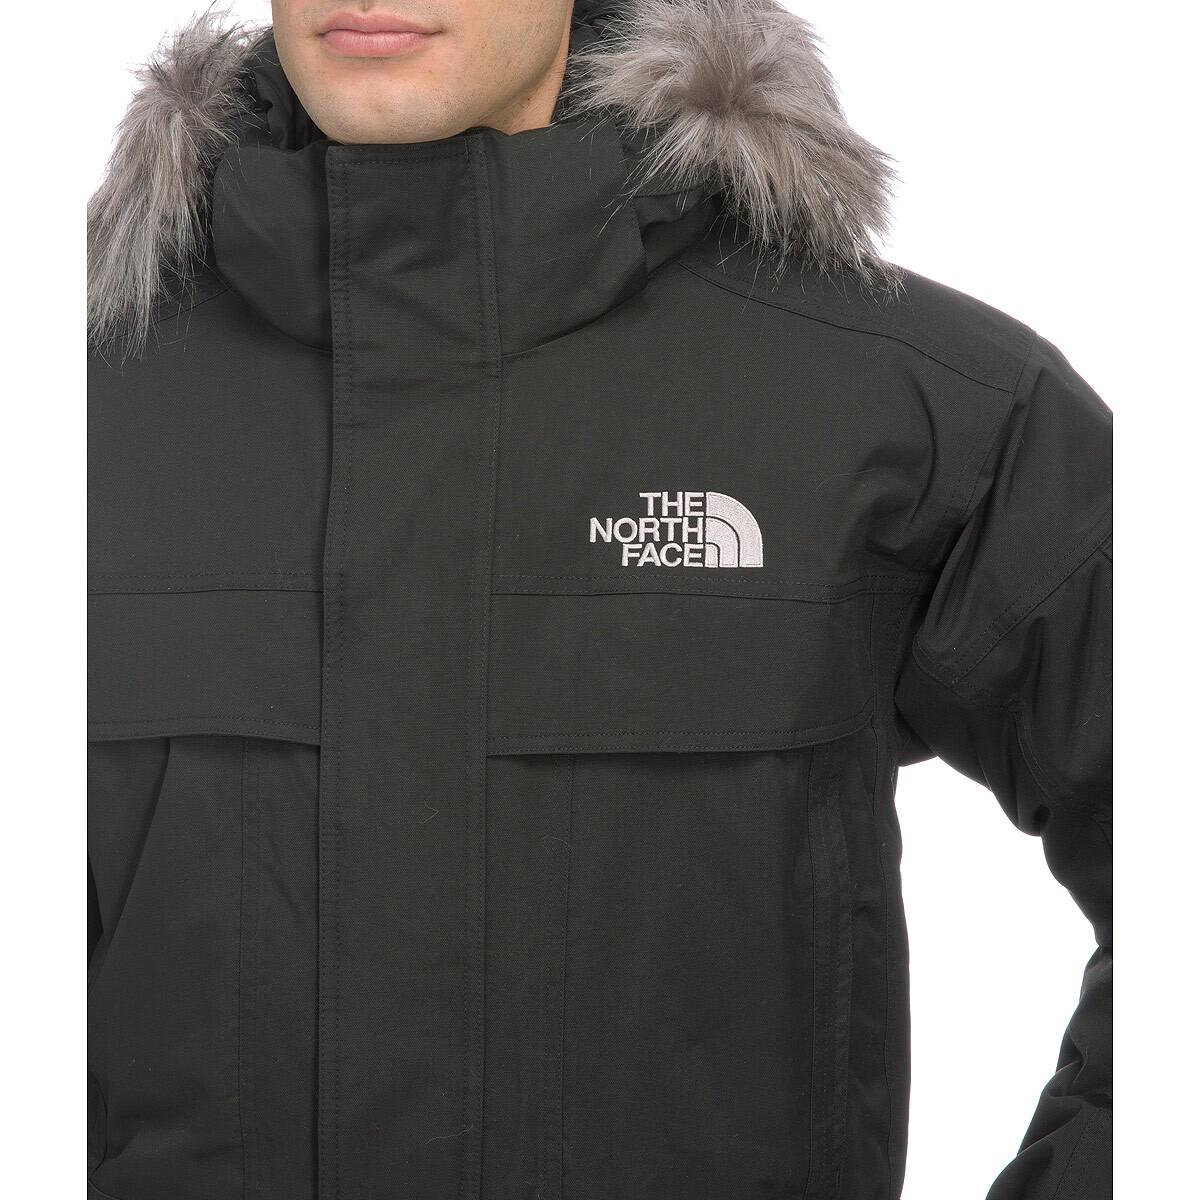 acd167b544 The North Face MCMurdo Veste Homme, tnf black sur CAMPZ !